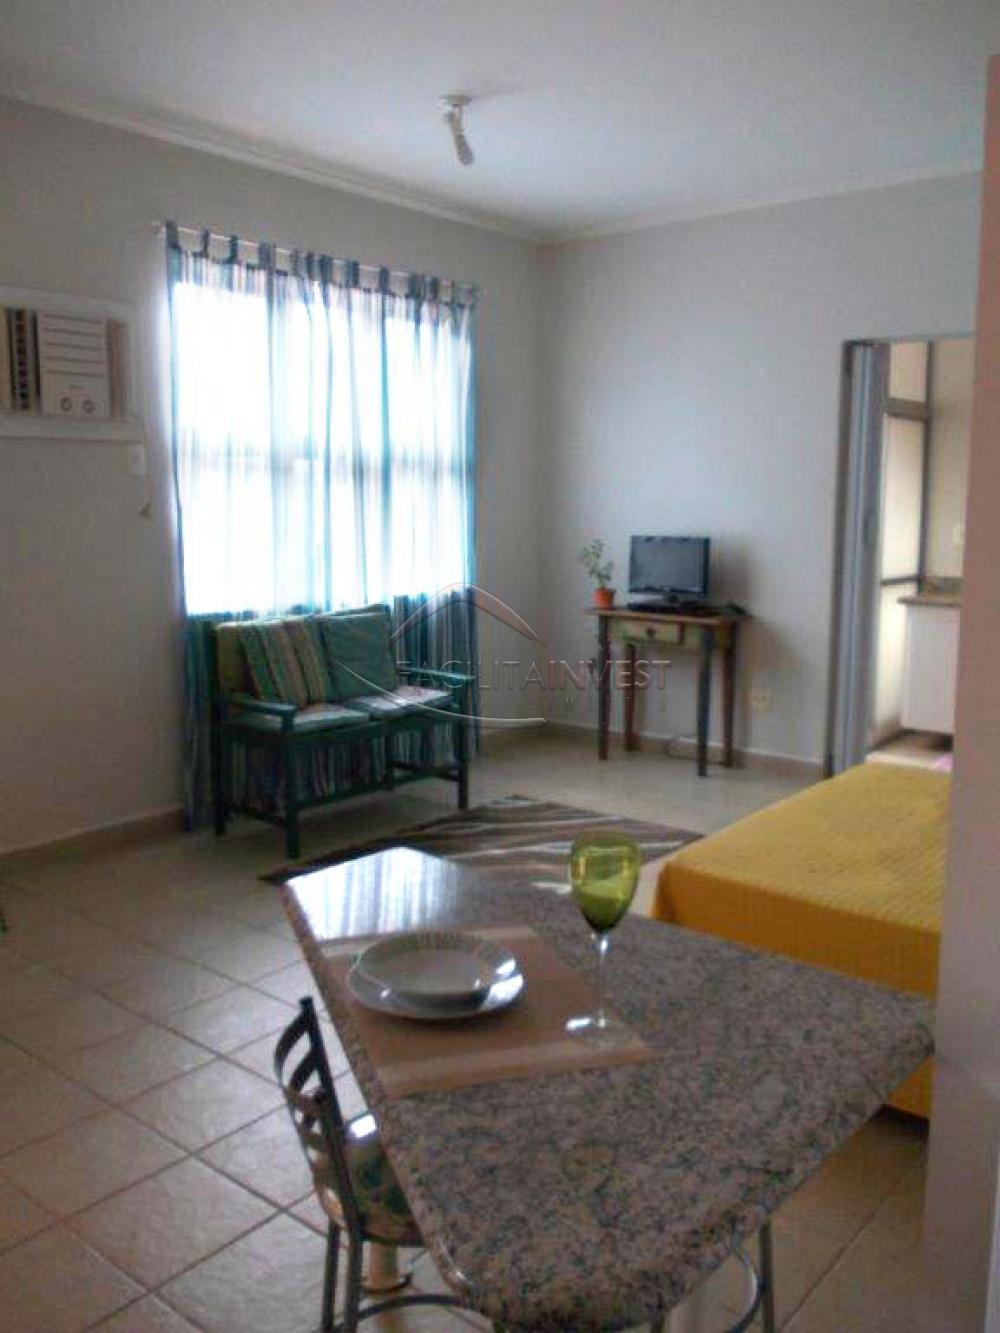 Alugar Apartamentos / Apartamento Mobiliado em Ribeirão Preto apenas R$ 1.200,00 - Foto 3